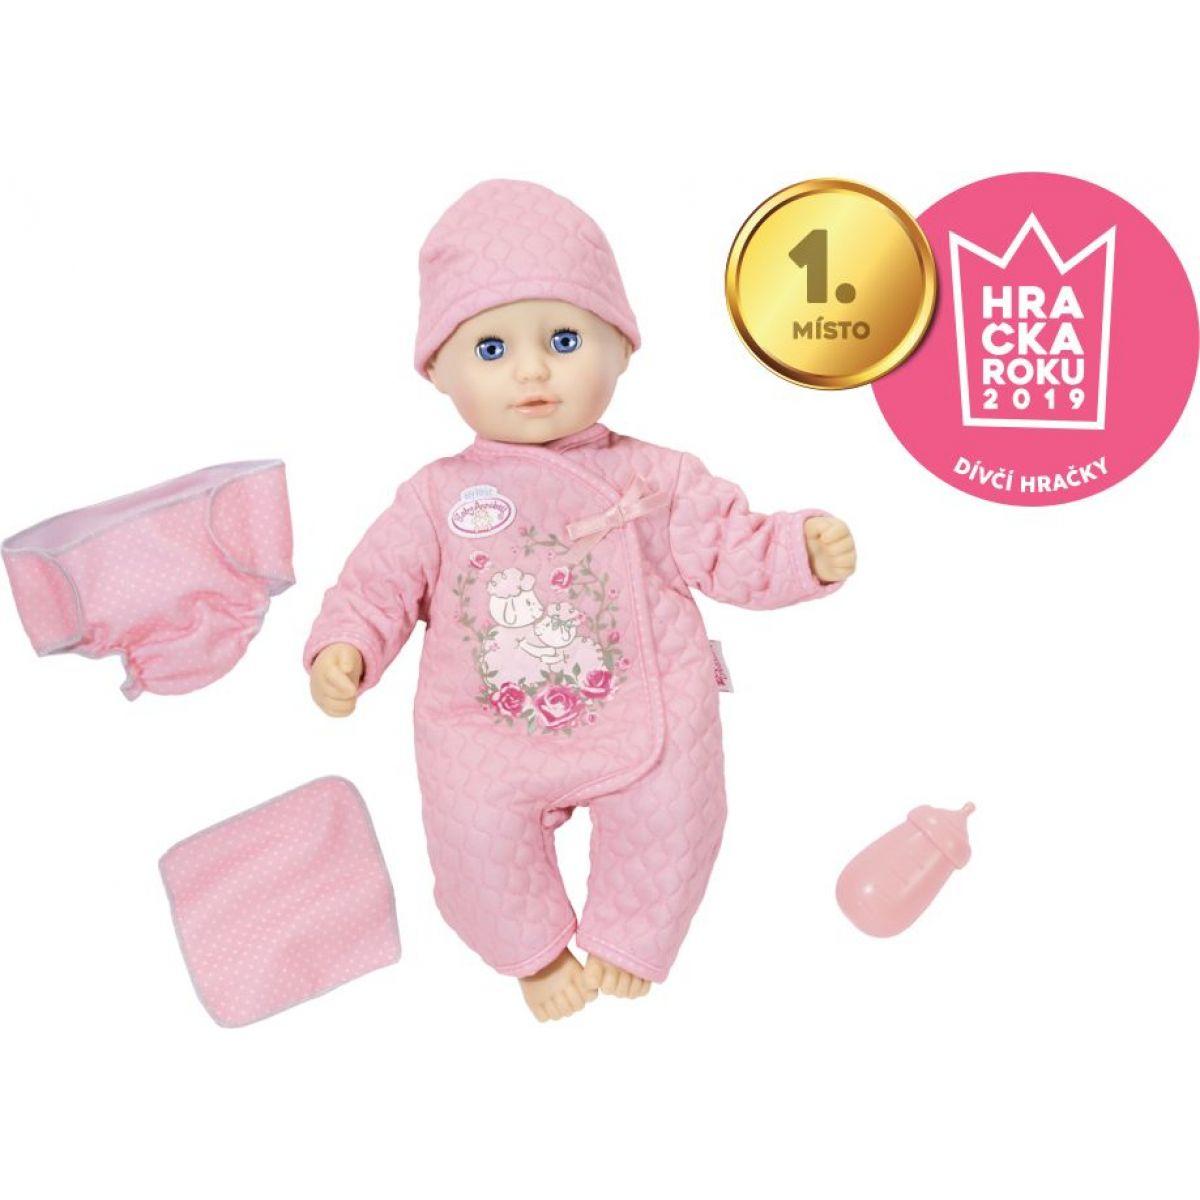 Zapf Creation Baby Annabell Little Baby Fun 36cm Holčička se zavíracíma očima